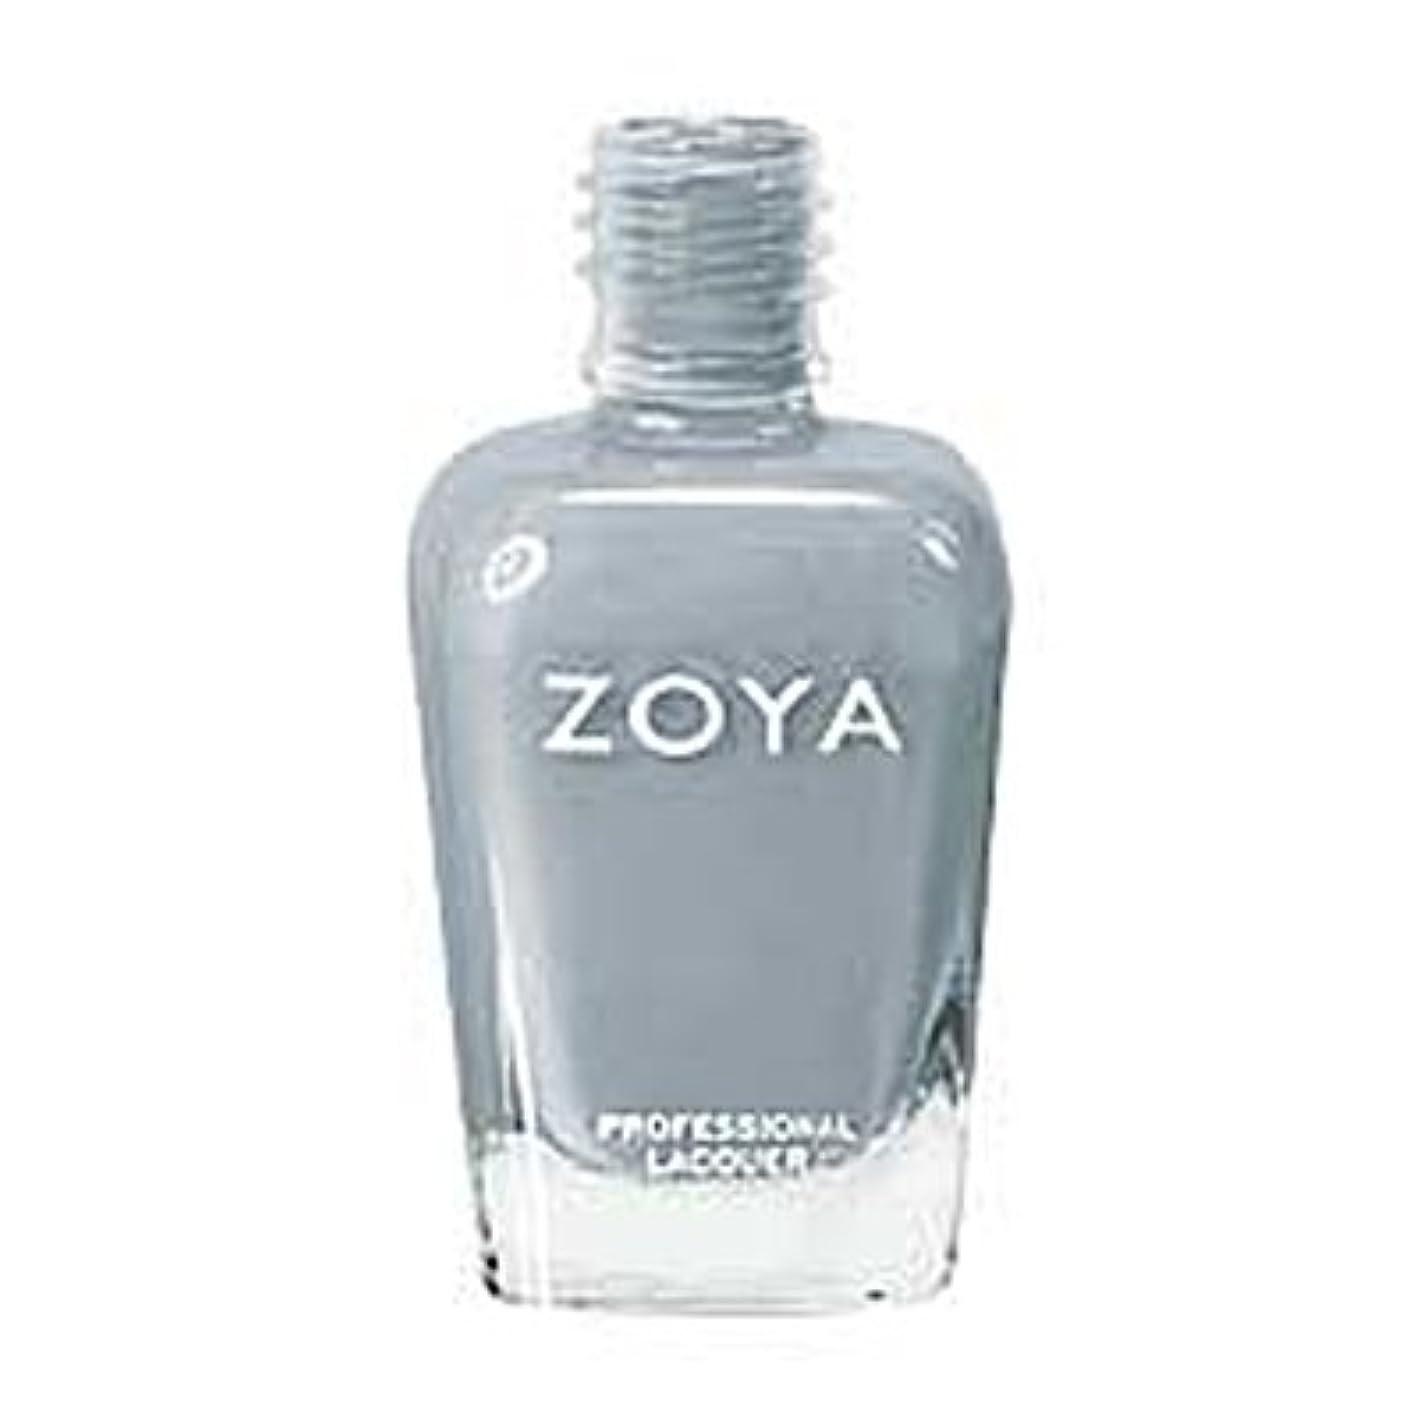 政権故意の傾向[Zoya] ZP591 クリスティン [Feel Collection][並行輸入品][海外直送品]